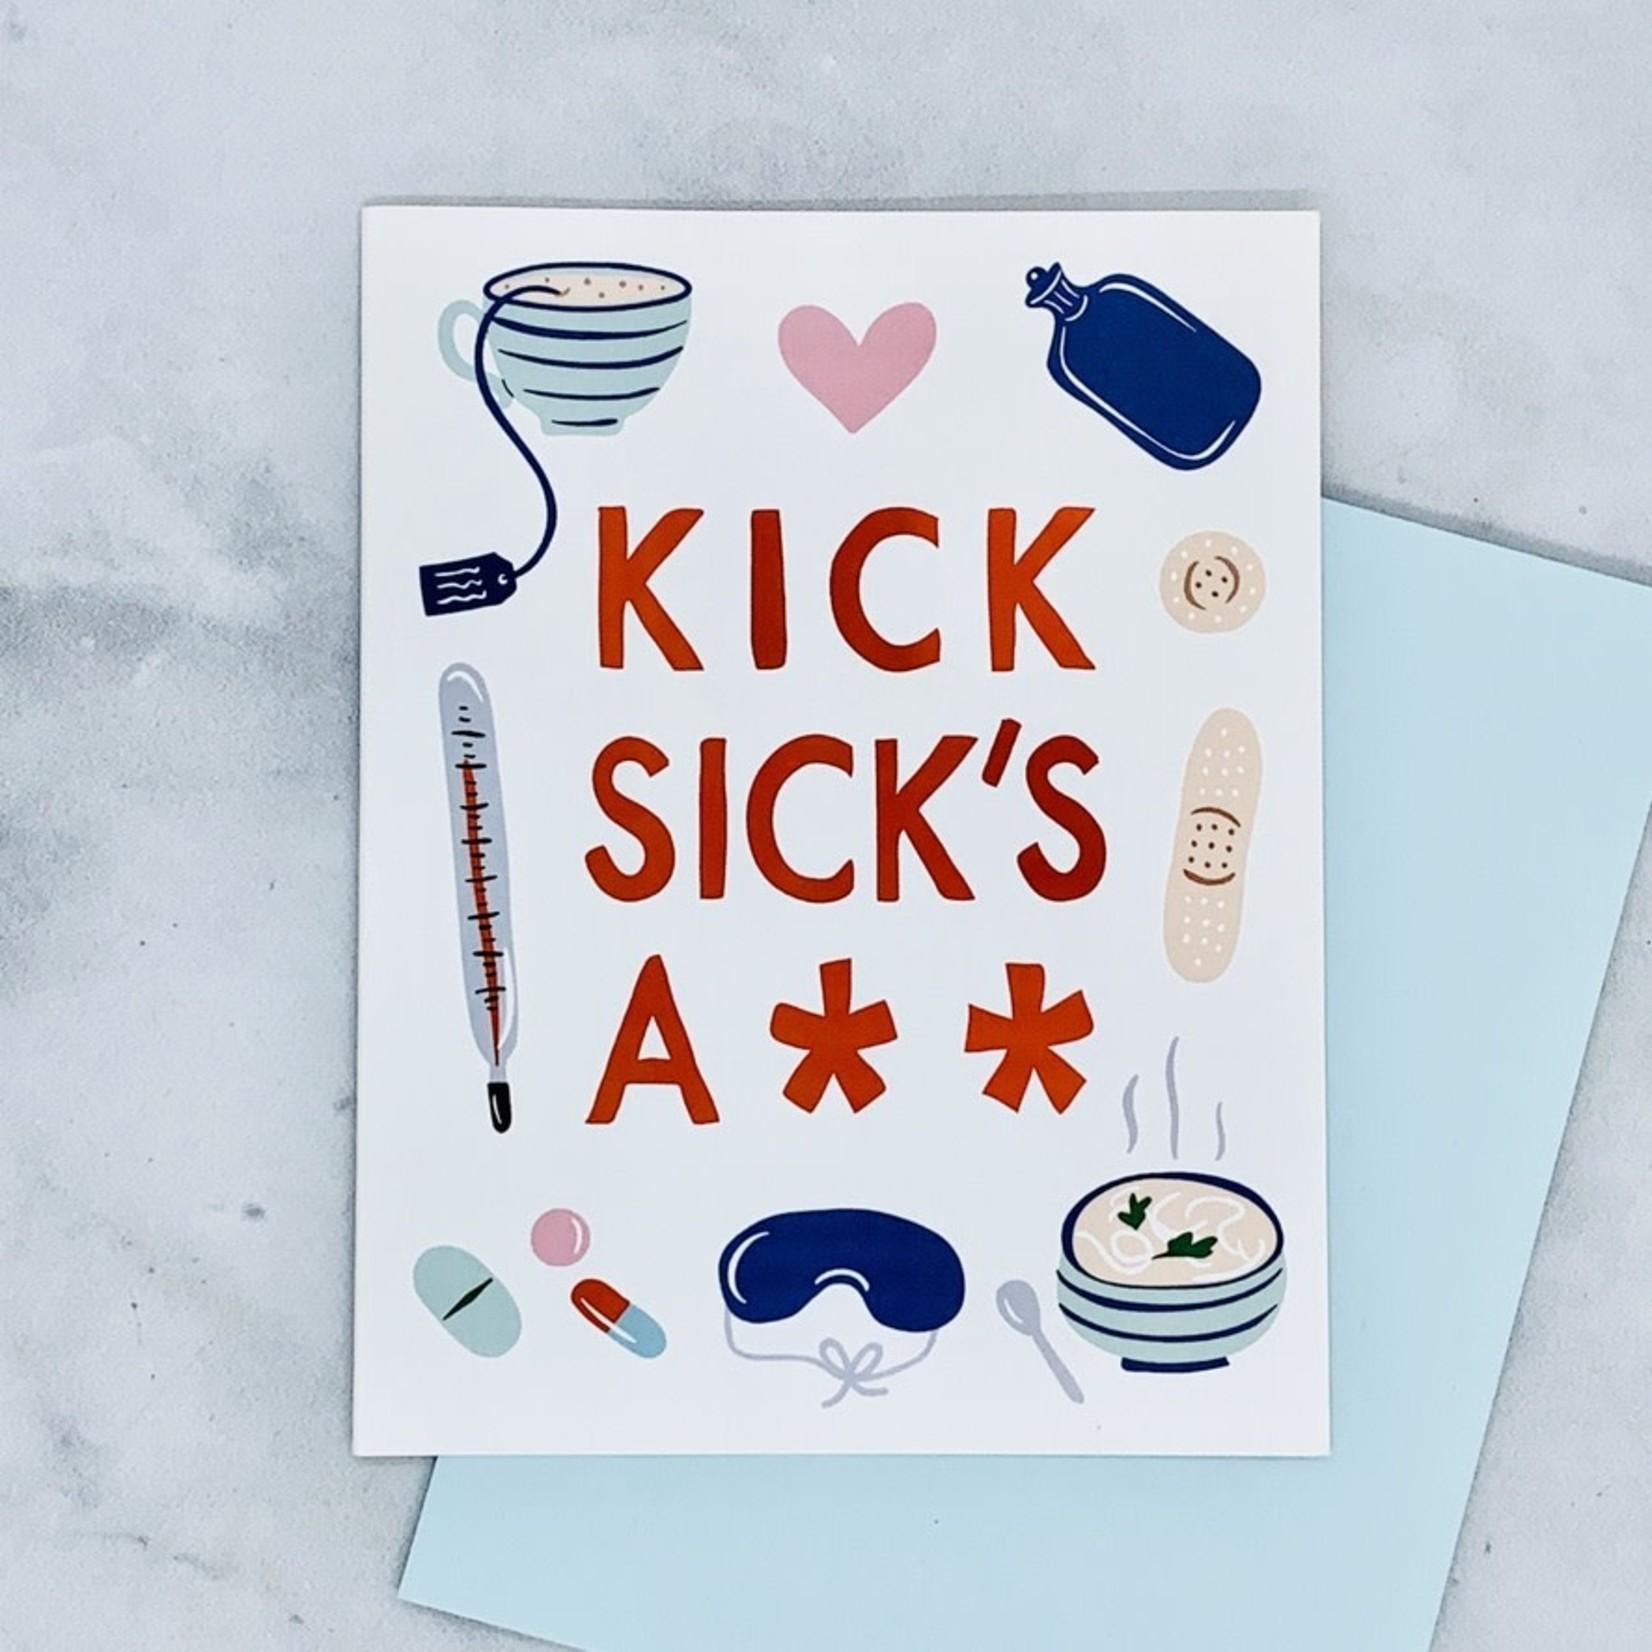 Little Low Studio Kick Sick's Ass Card